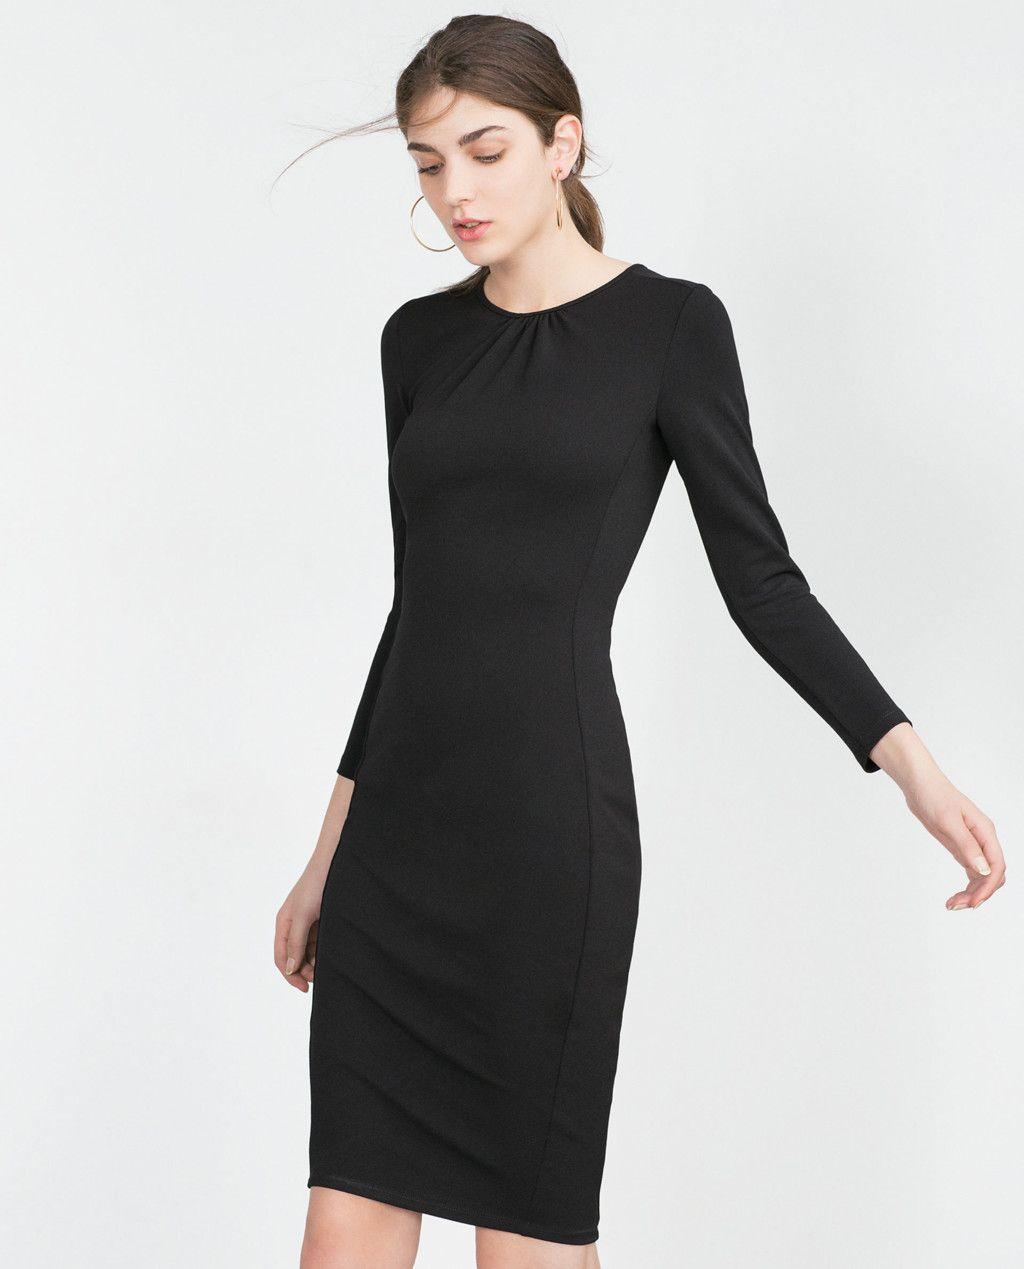 Vestidos negros d noche